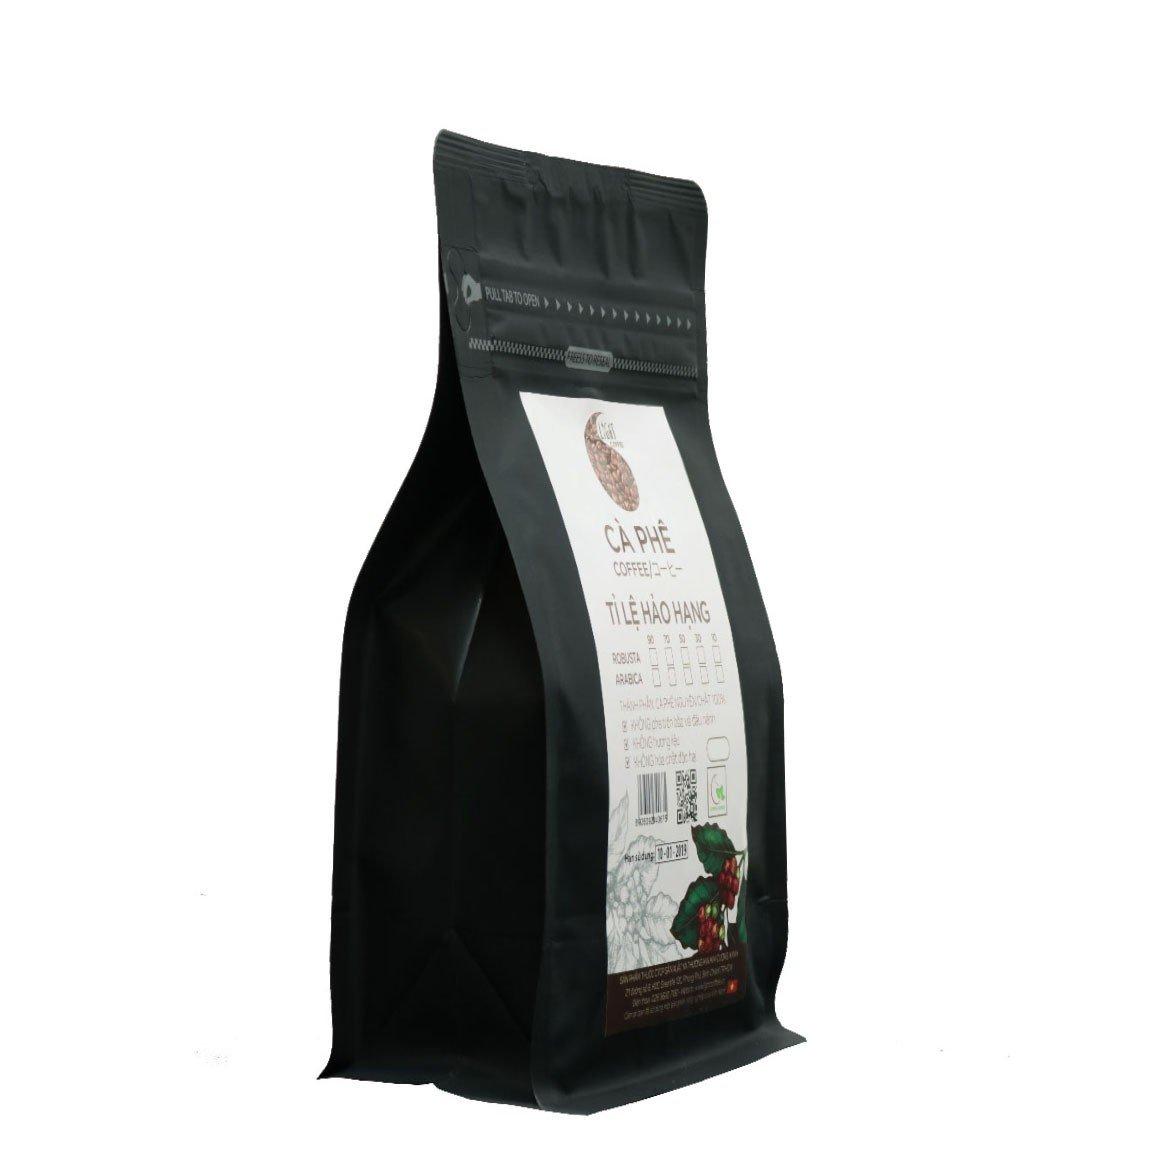 500g - Cà phê bột Tỉ lệ Hảo Hạng - 50% Robusta + 50% Arabica - Light coffee